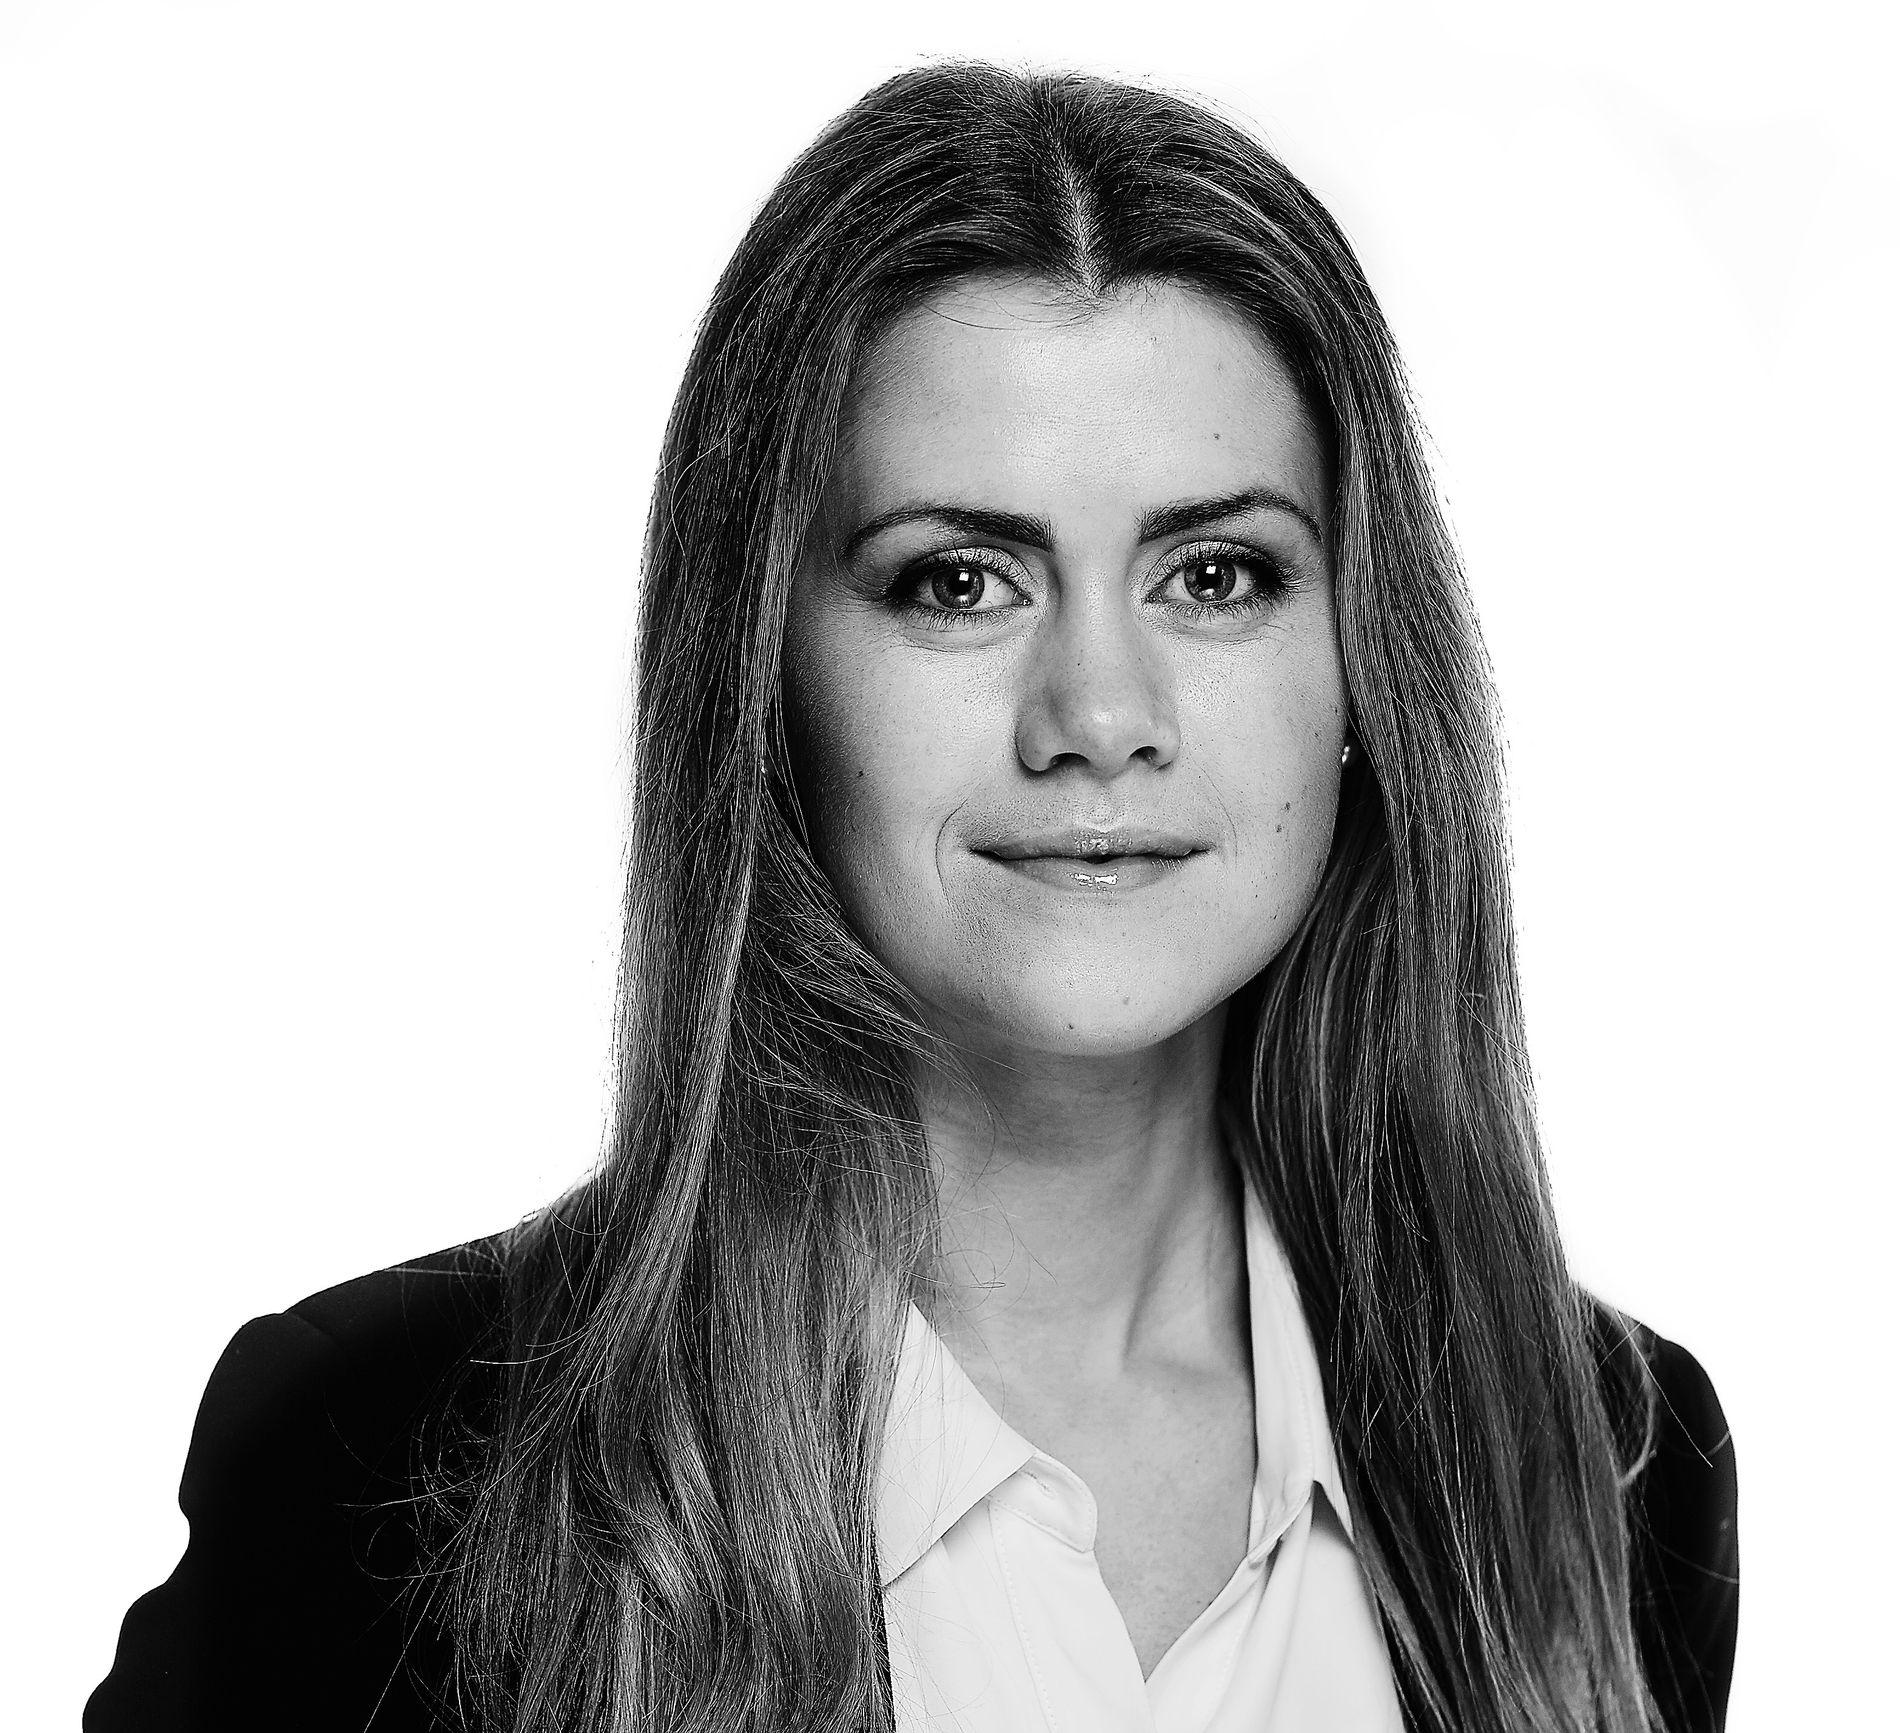 Kommunikasjonsansvarlig Kristine Jeanette Vestad i Bank2